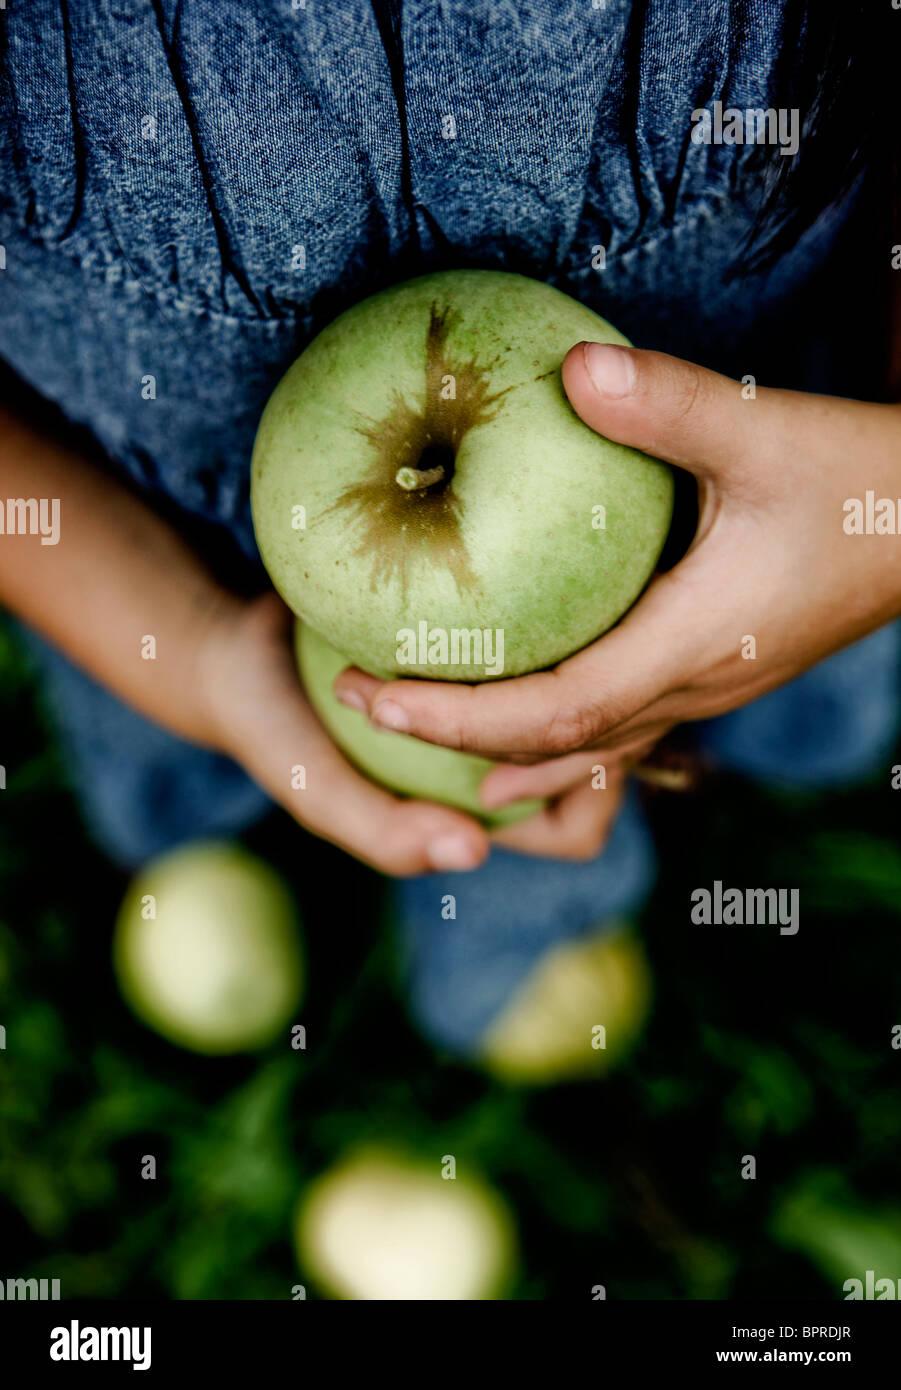 Ein junges Mädchen hält grüne Äpfel in einer Apfelplantage in Calhoun County, Illinois am 28. September 2008. Stockfoto